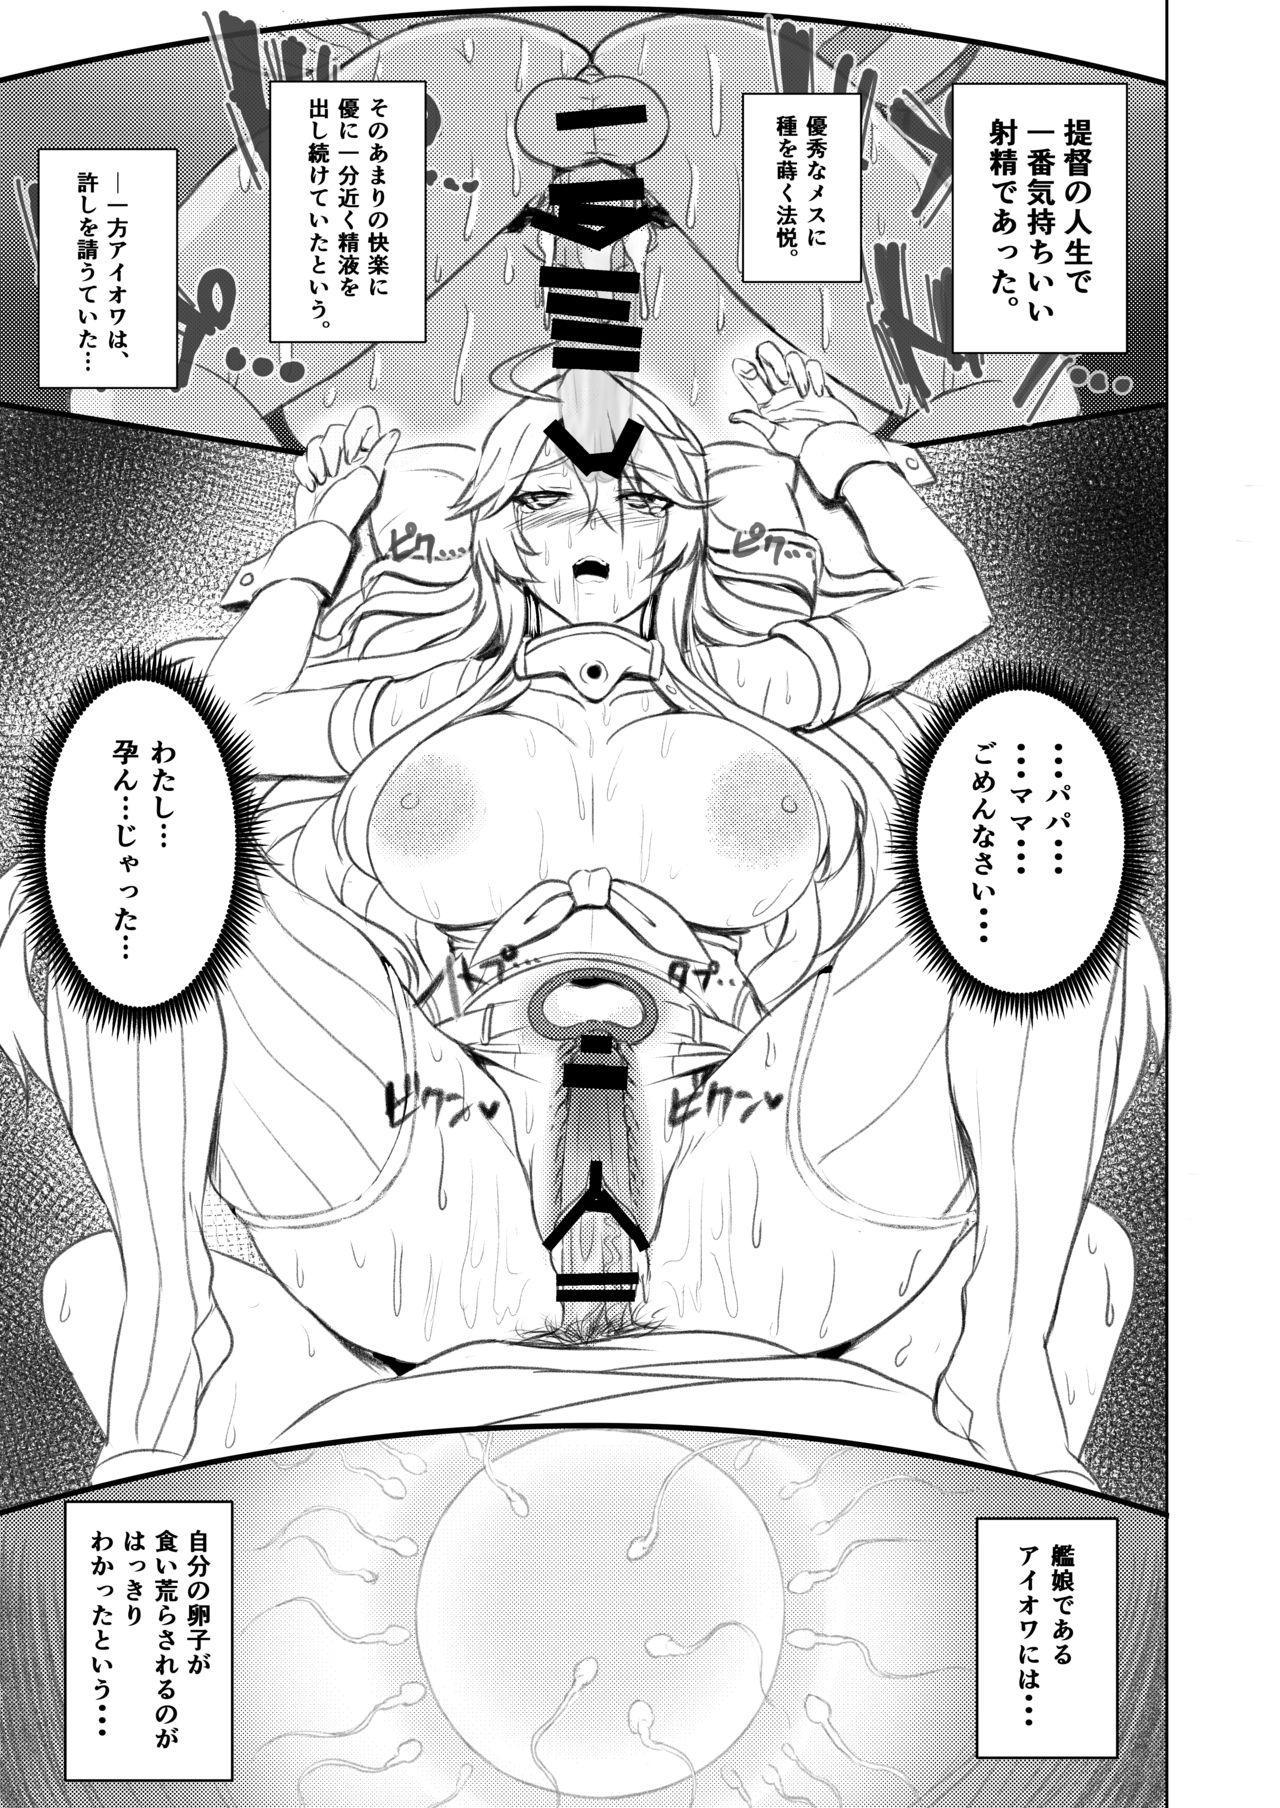 Iowa no Erohon - Iowa Hentai Manga 15